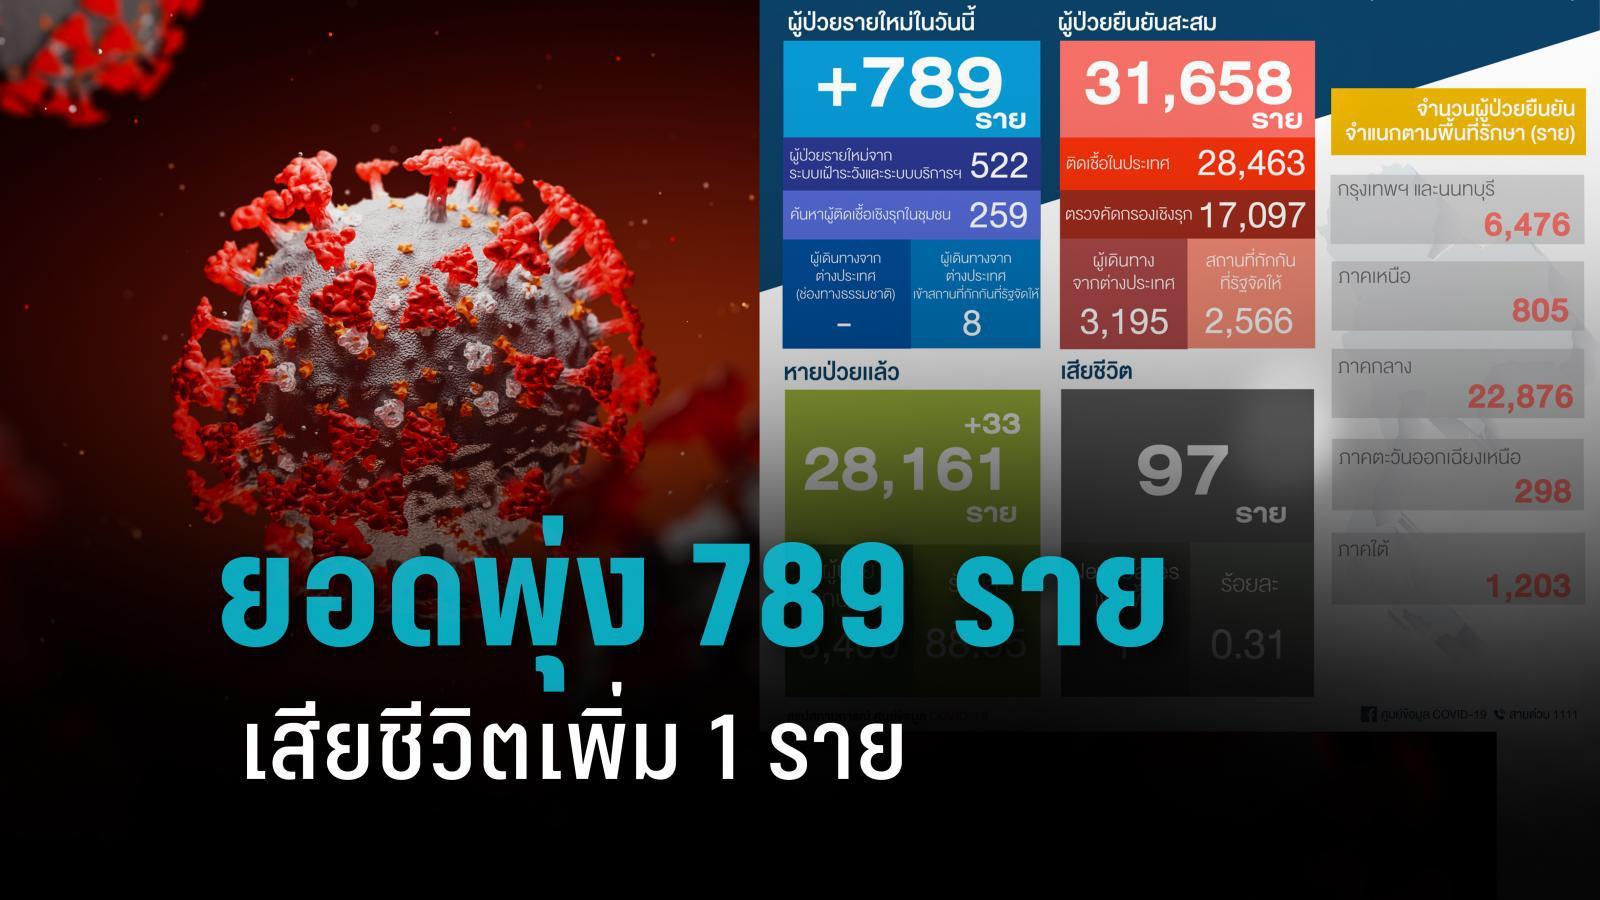 พุ่งสูง! โควิดประเทศไทย เพิ่ม 789 ราย เสียชีวิต 1 ราย